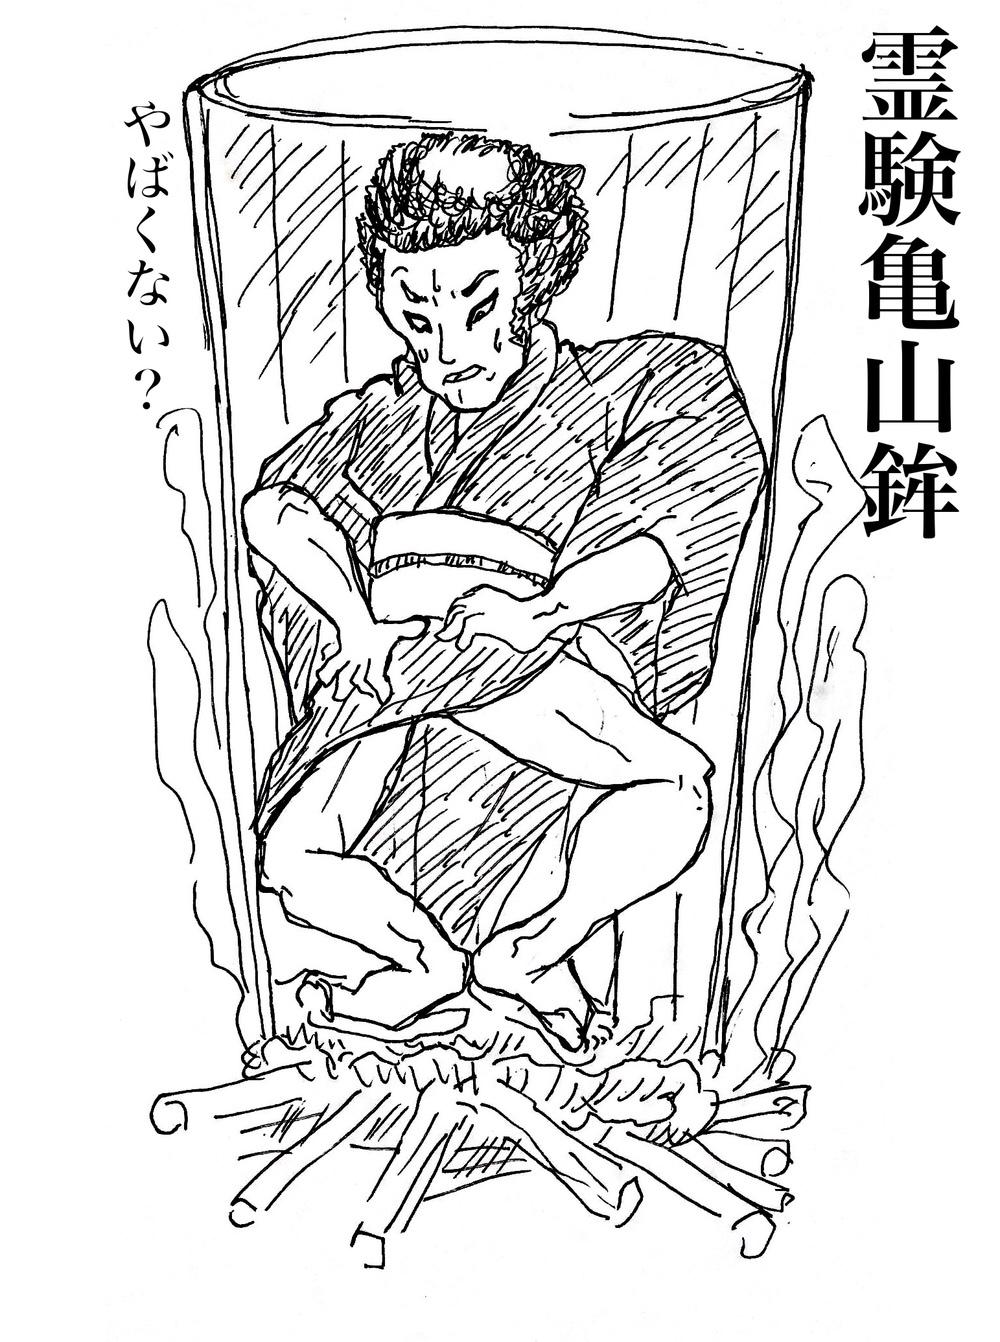 卑怯でせこく、そしてしぶとい!仁左衛門が演じる悪役!「霊験亀山鉾」(歌舞伎・感想)#歌舞伎